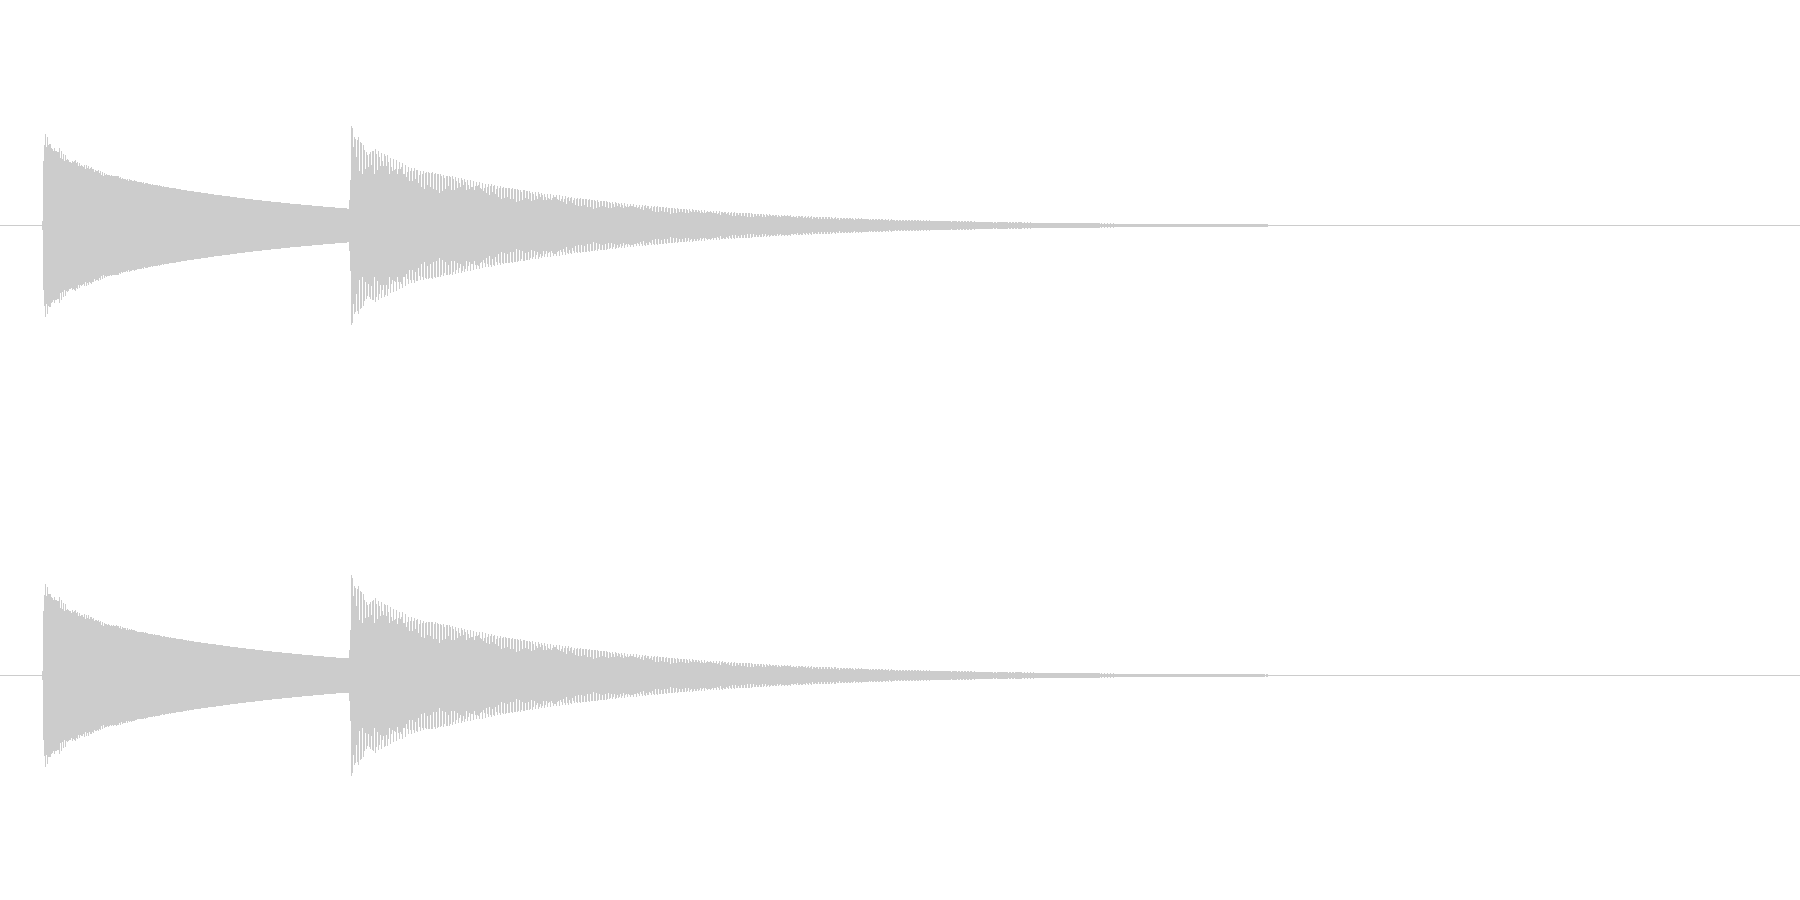 【ドアベル ピンポン02-2】の未再生の波形